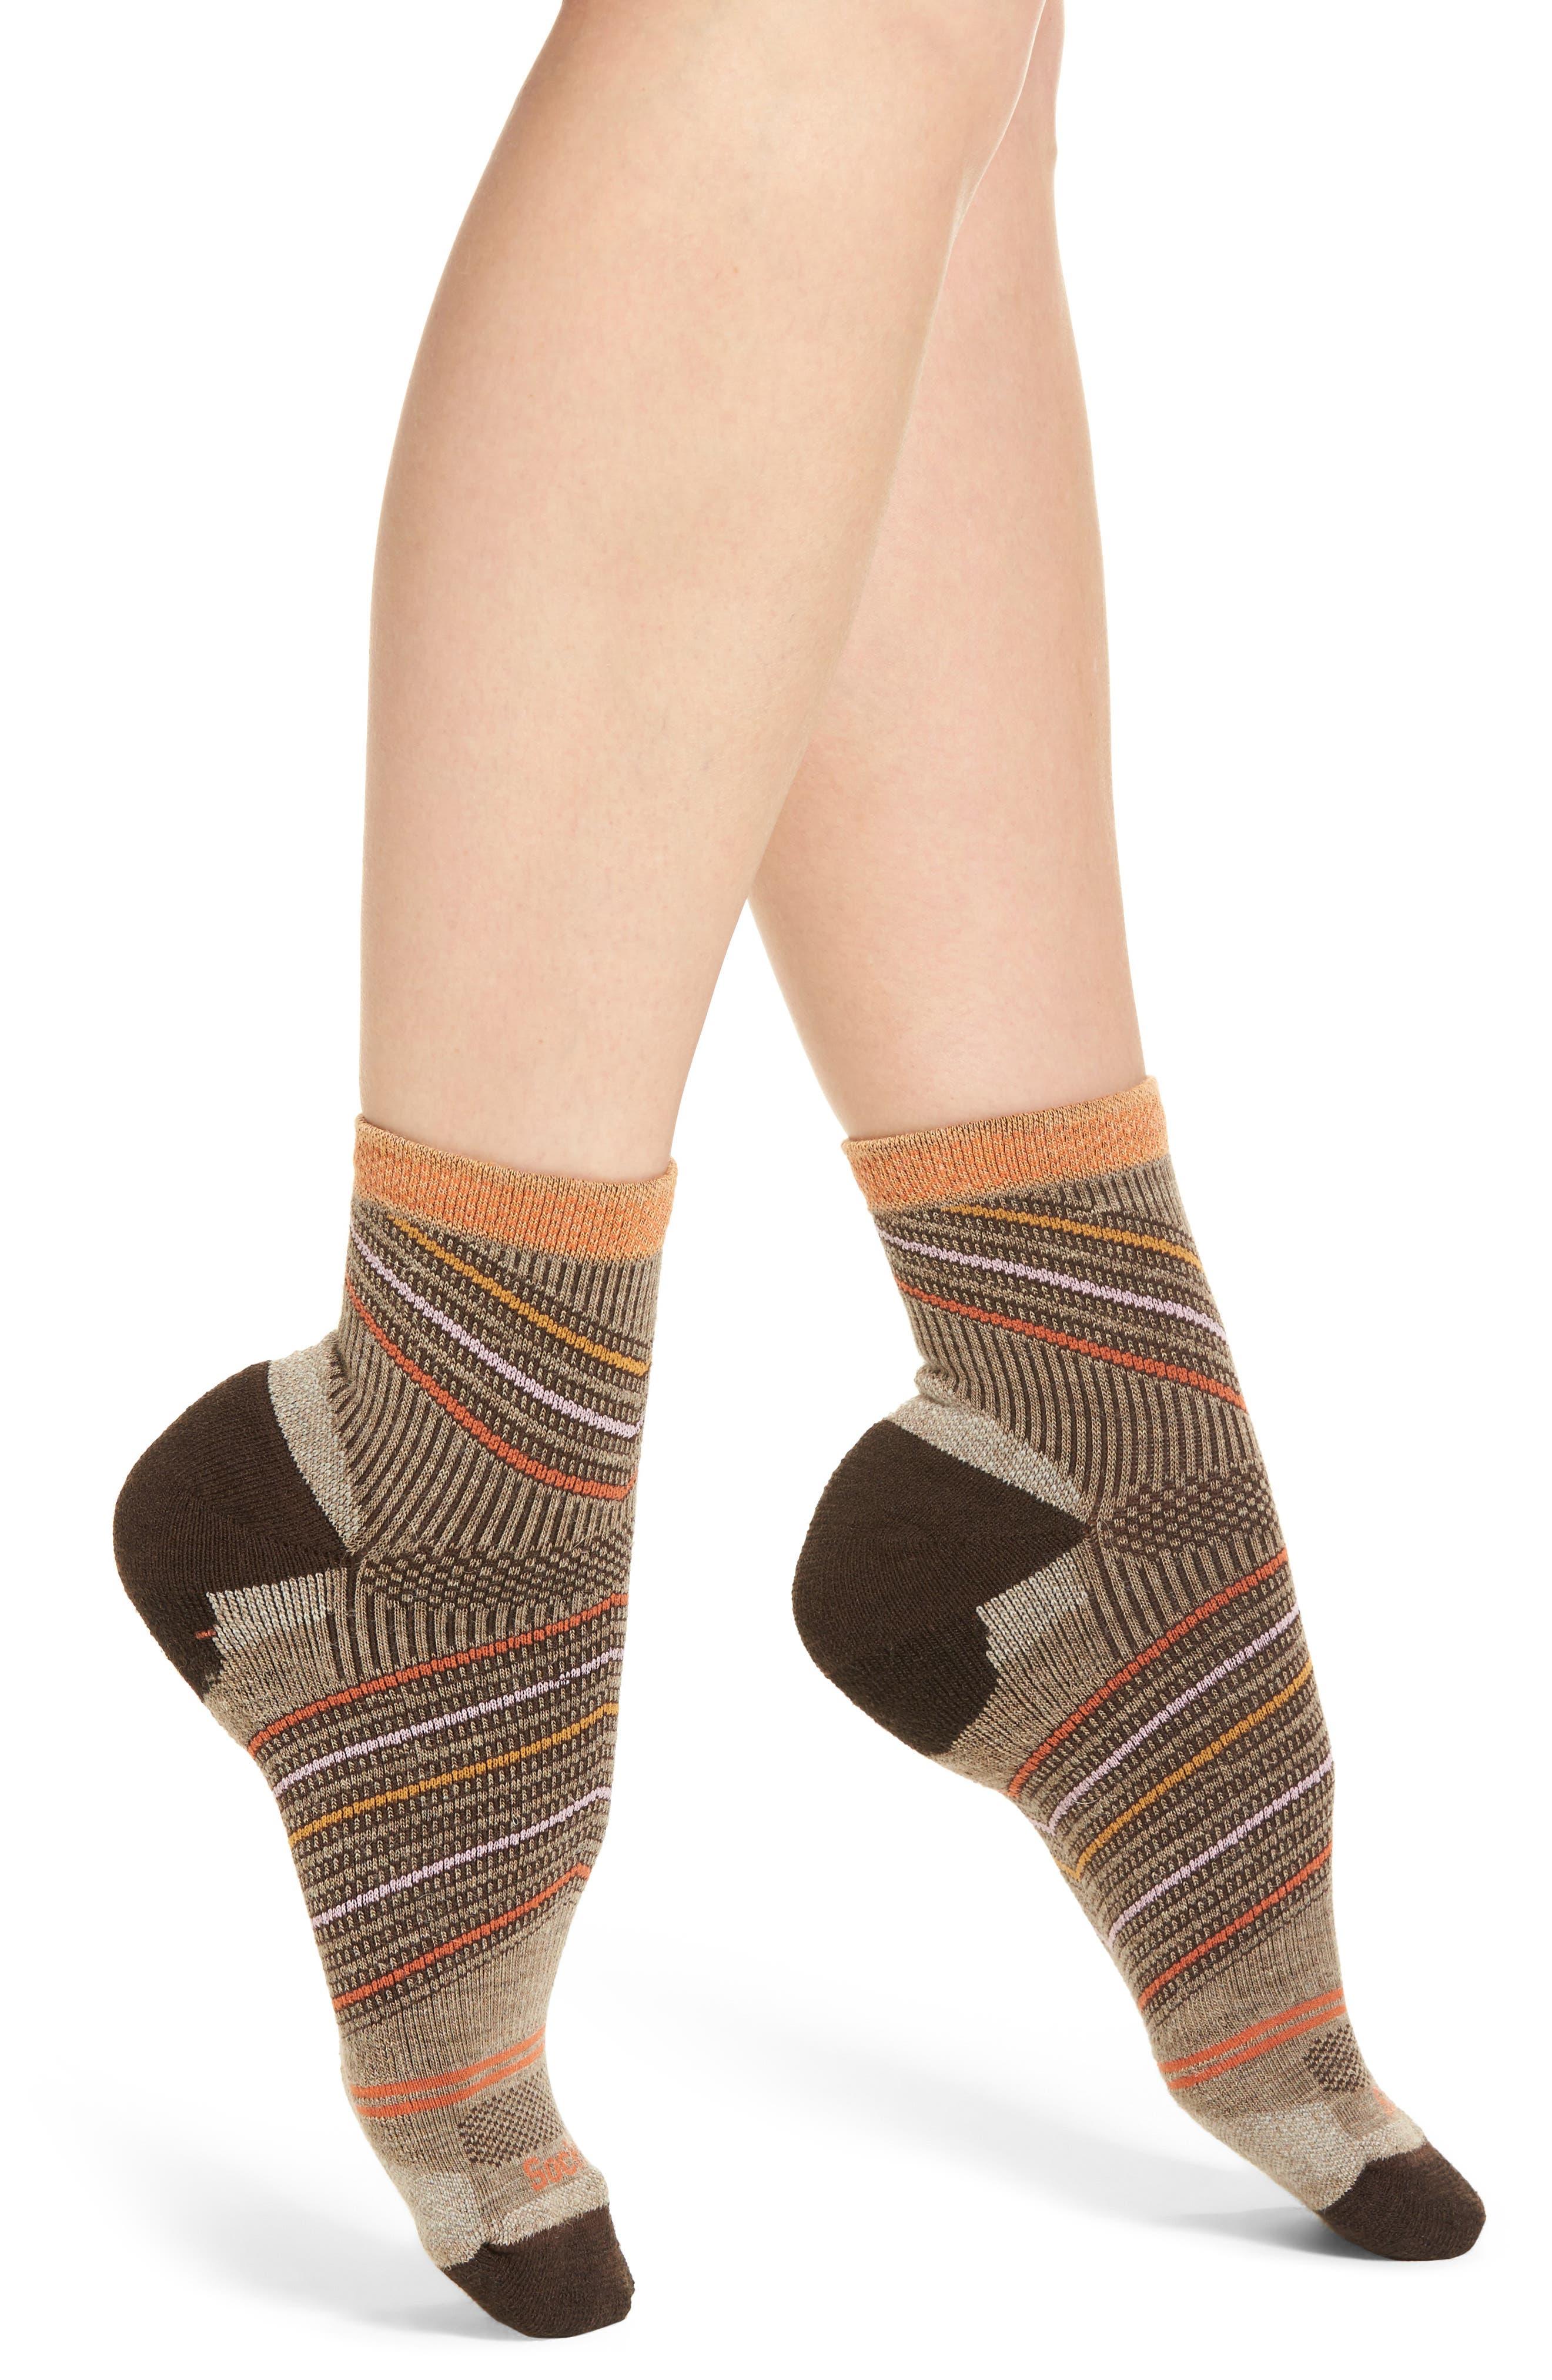 Sockwell Summit Ankle Socks